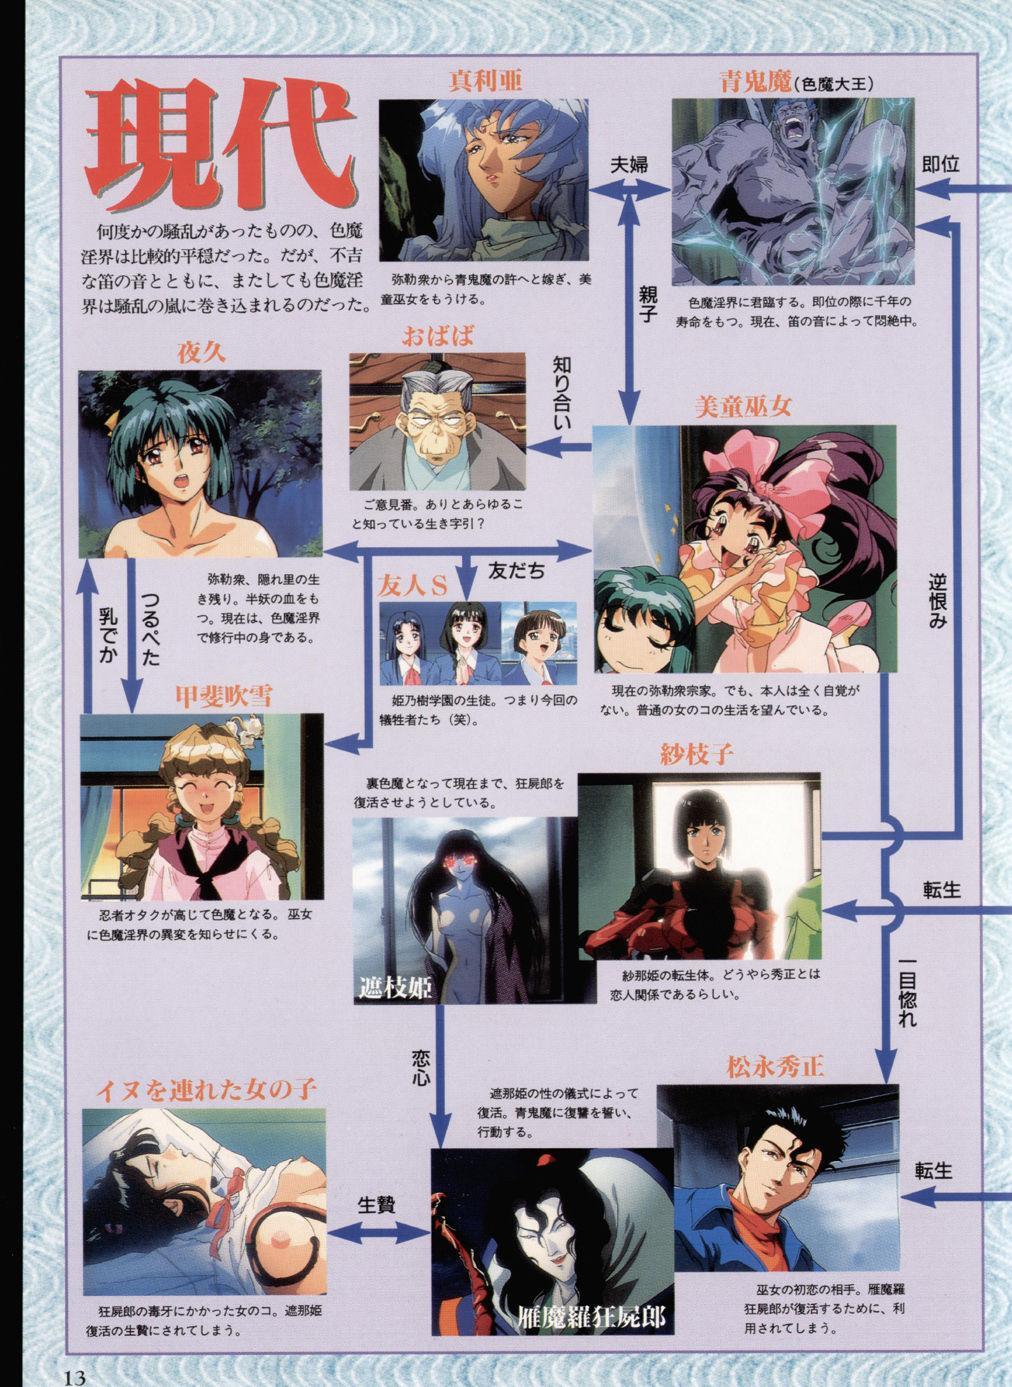 Injuu Gakuen You no Shou Secret File 8